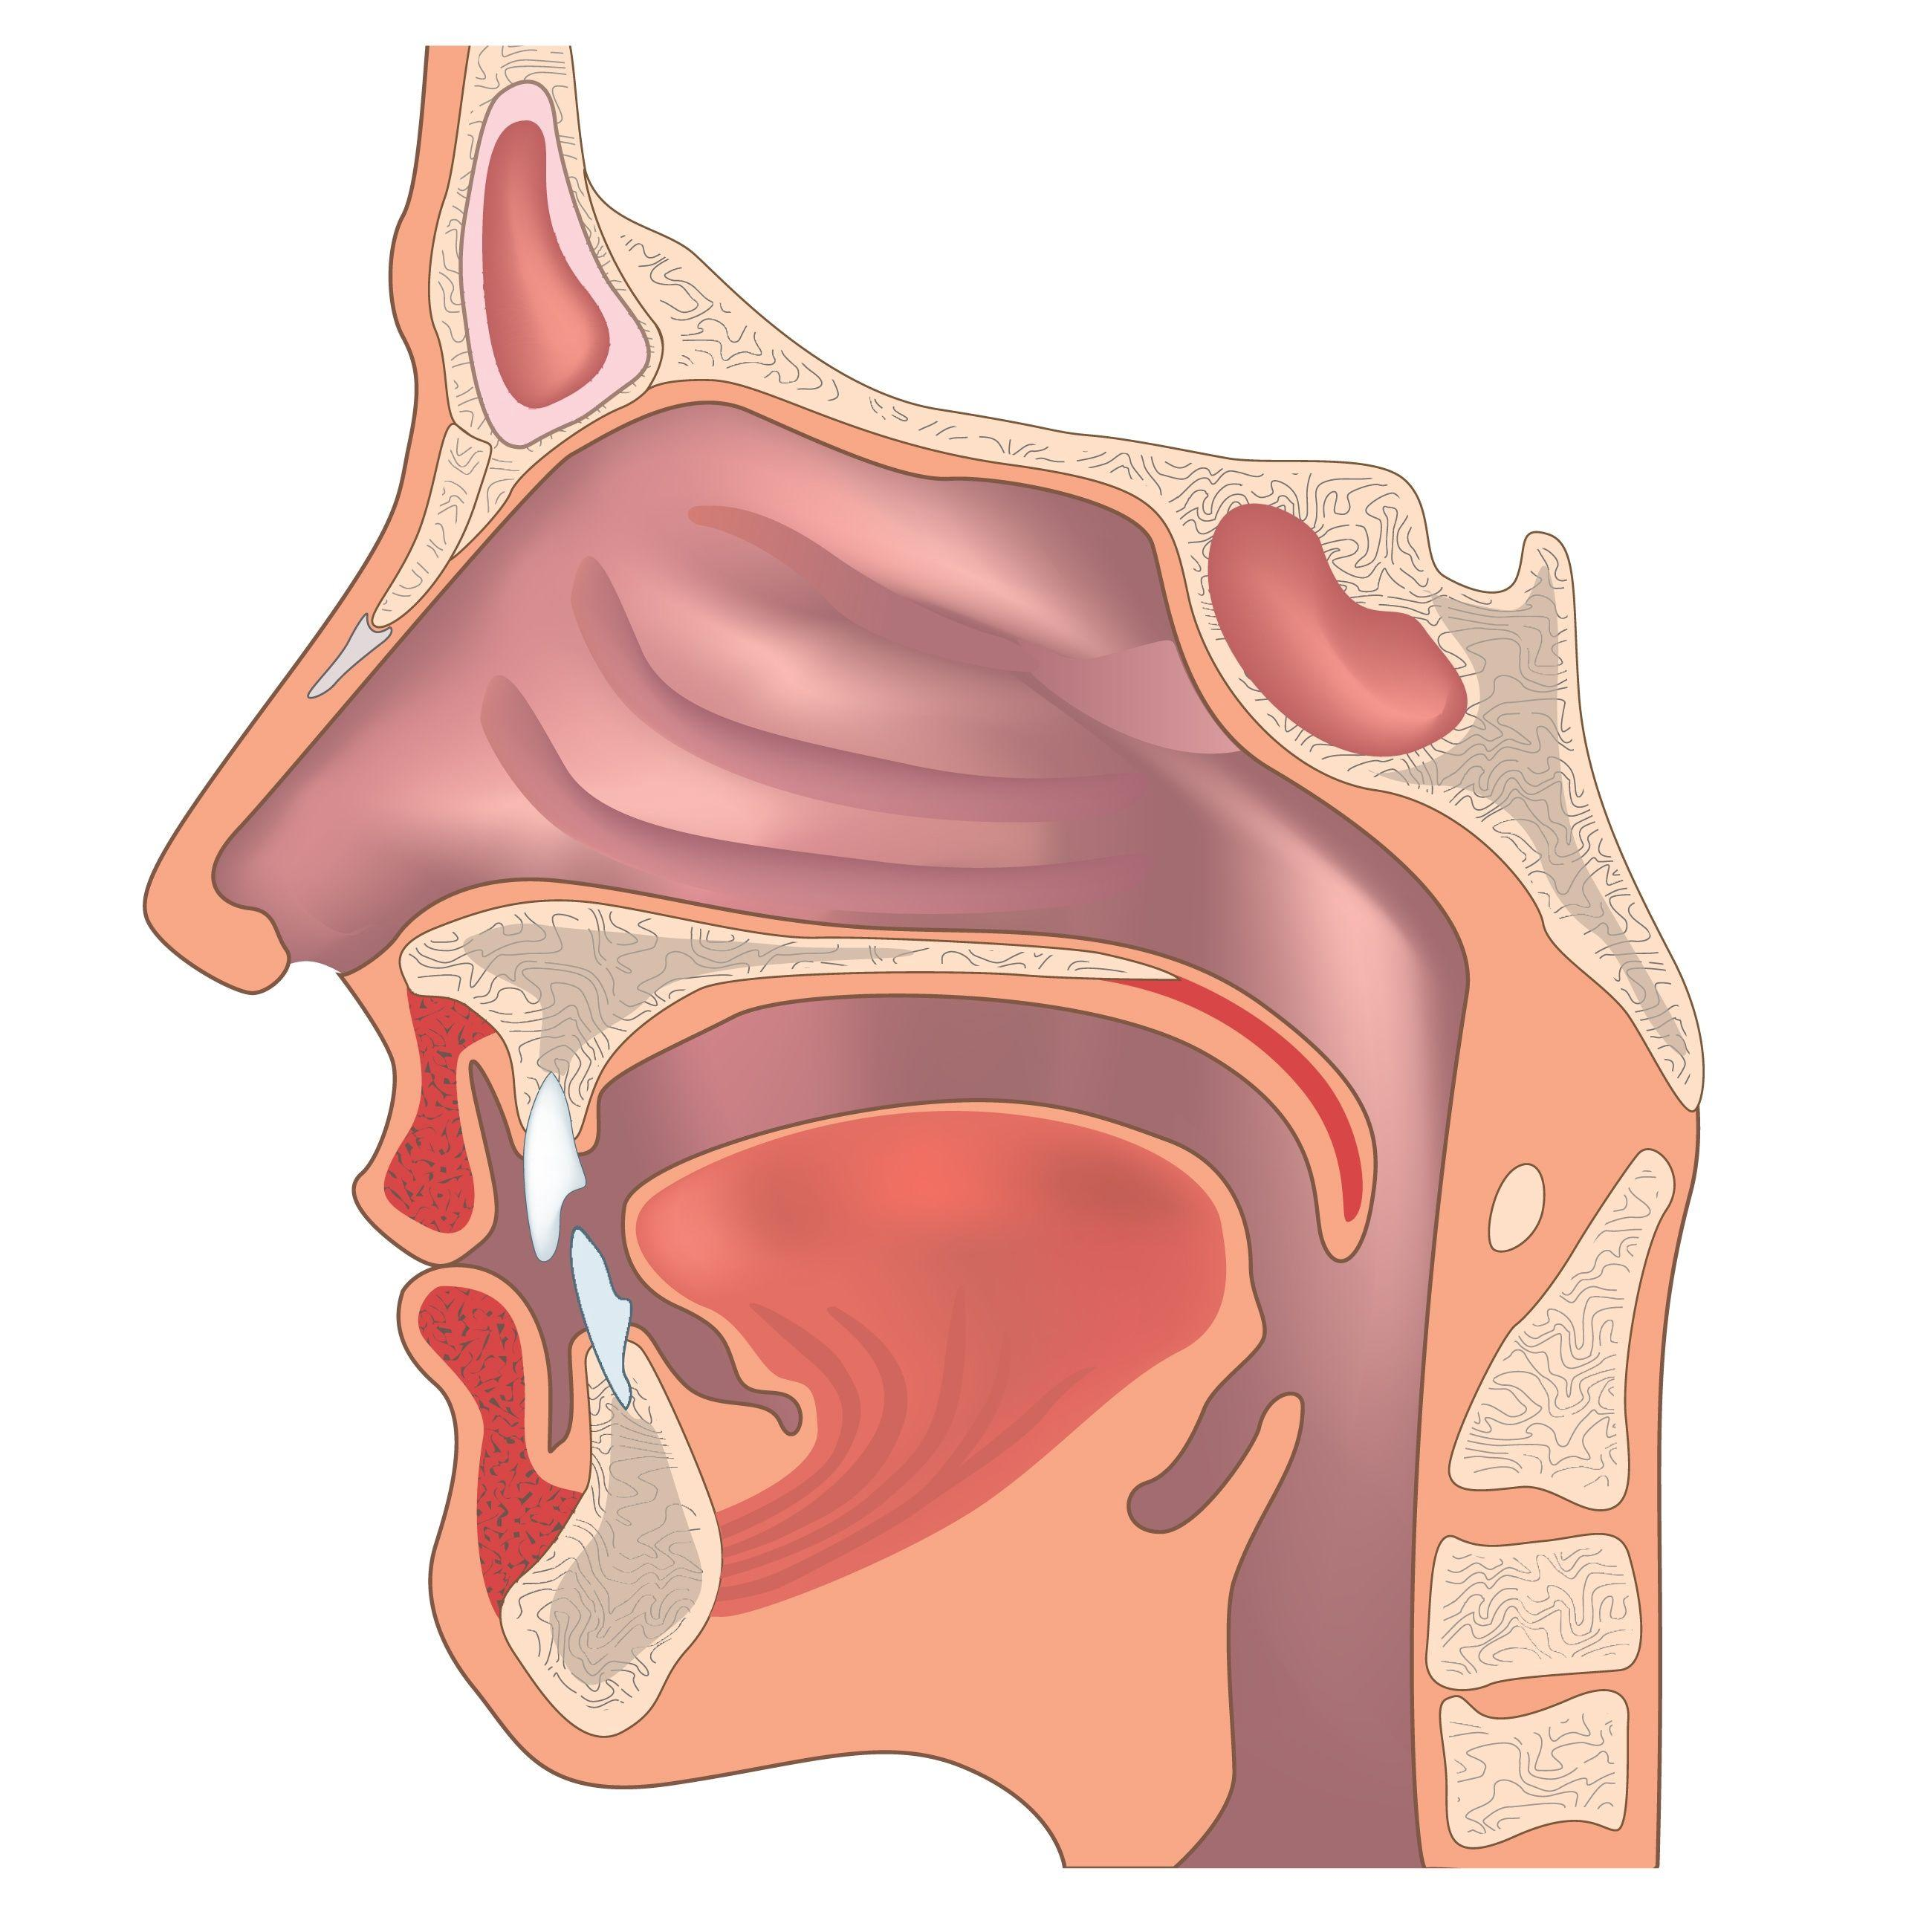 下咽和颈部食管肿瘤的治疗